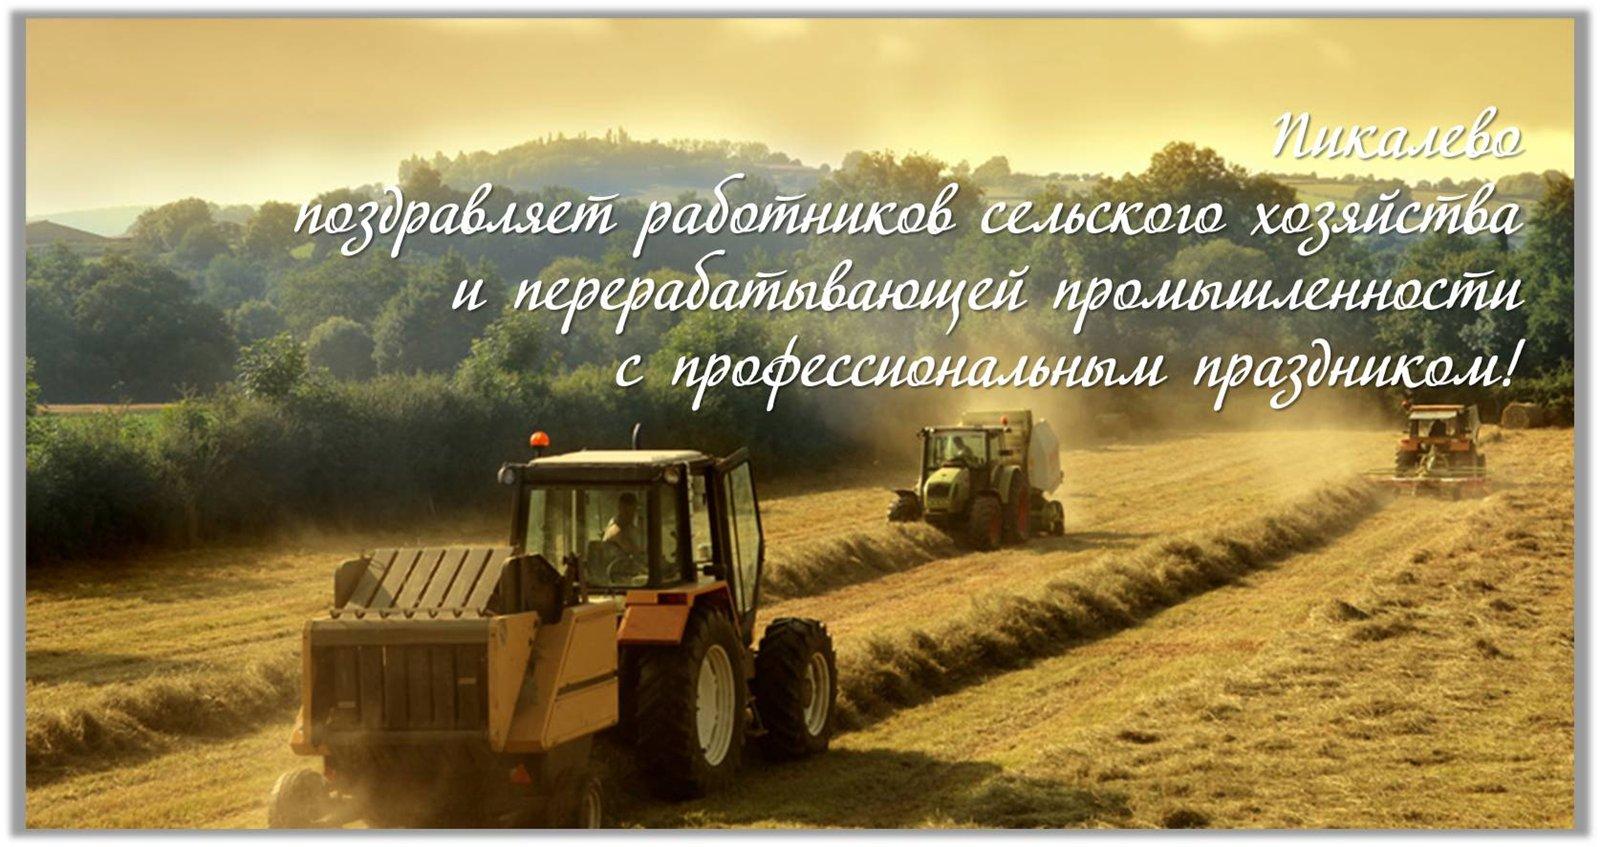 Поздравления трактористу с днем рождения - Поздравок